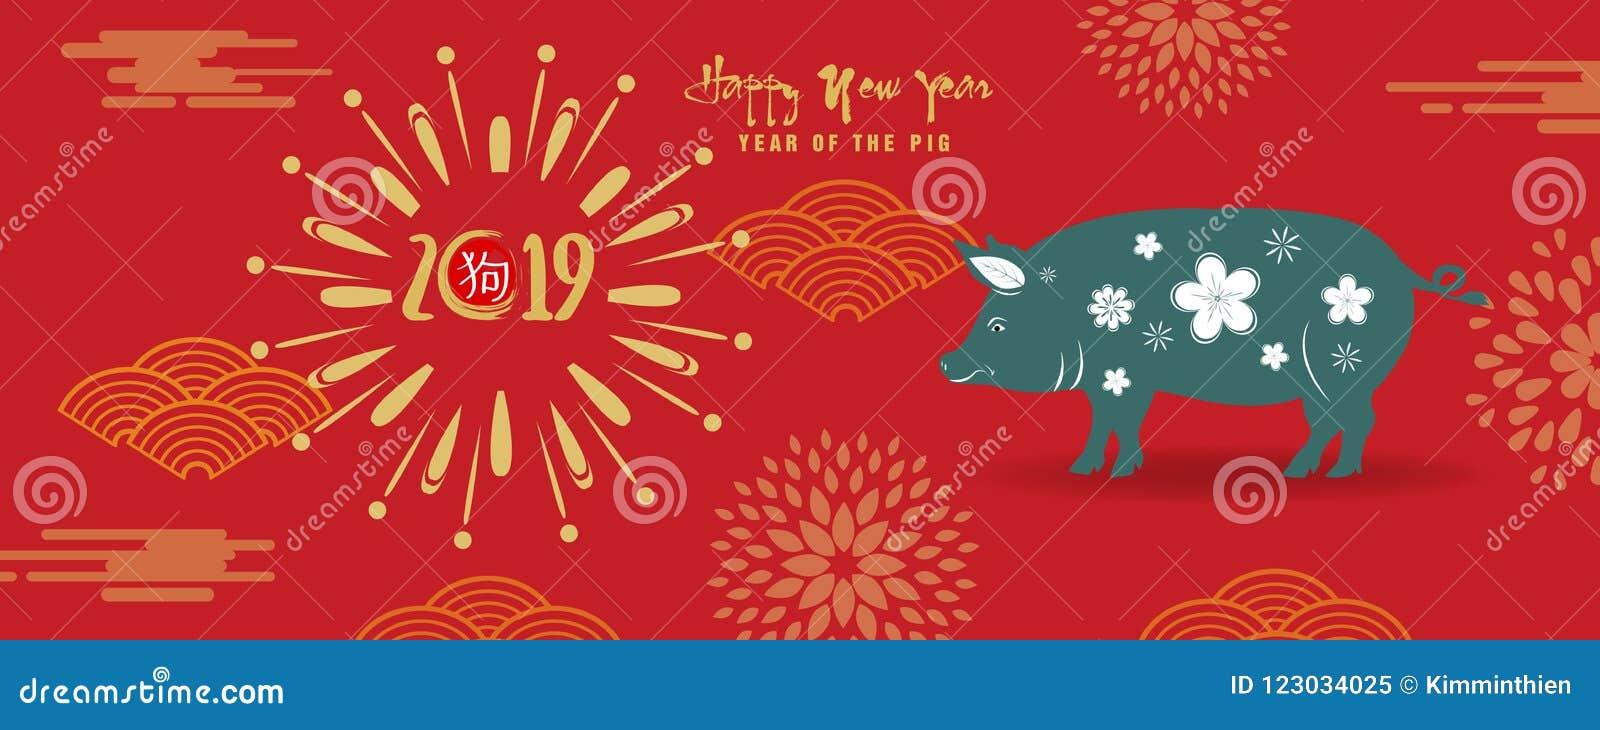 Tarjetas chinas 2019 de la invitación del Año Nuevo de la bandera Año del cerdo Feliz Año Nuevo del medio de los caracteres chino